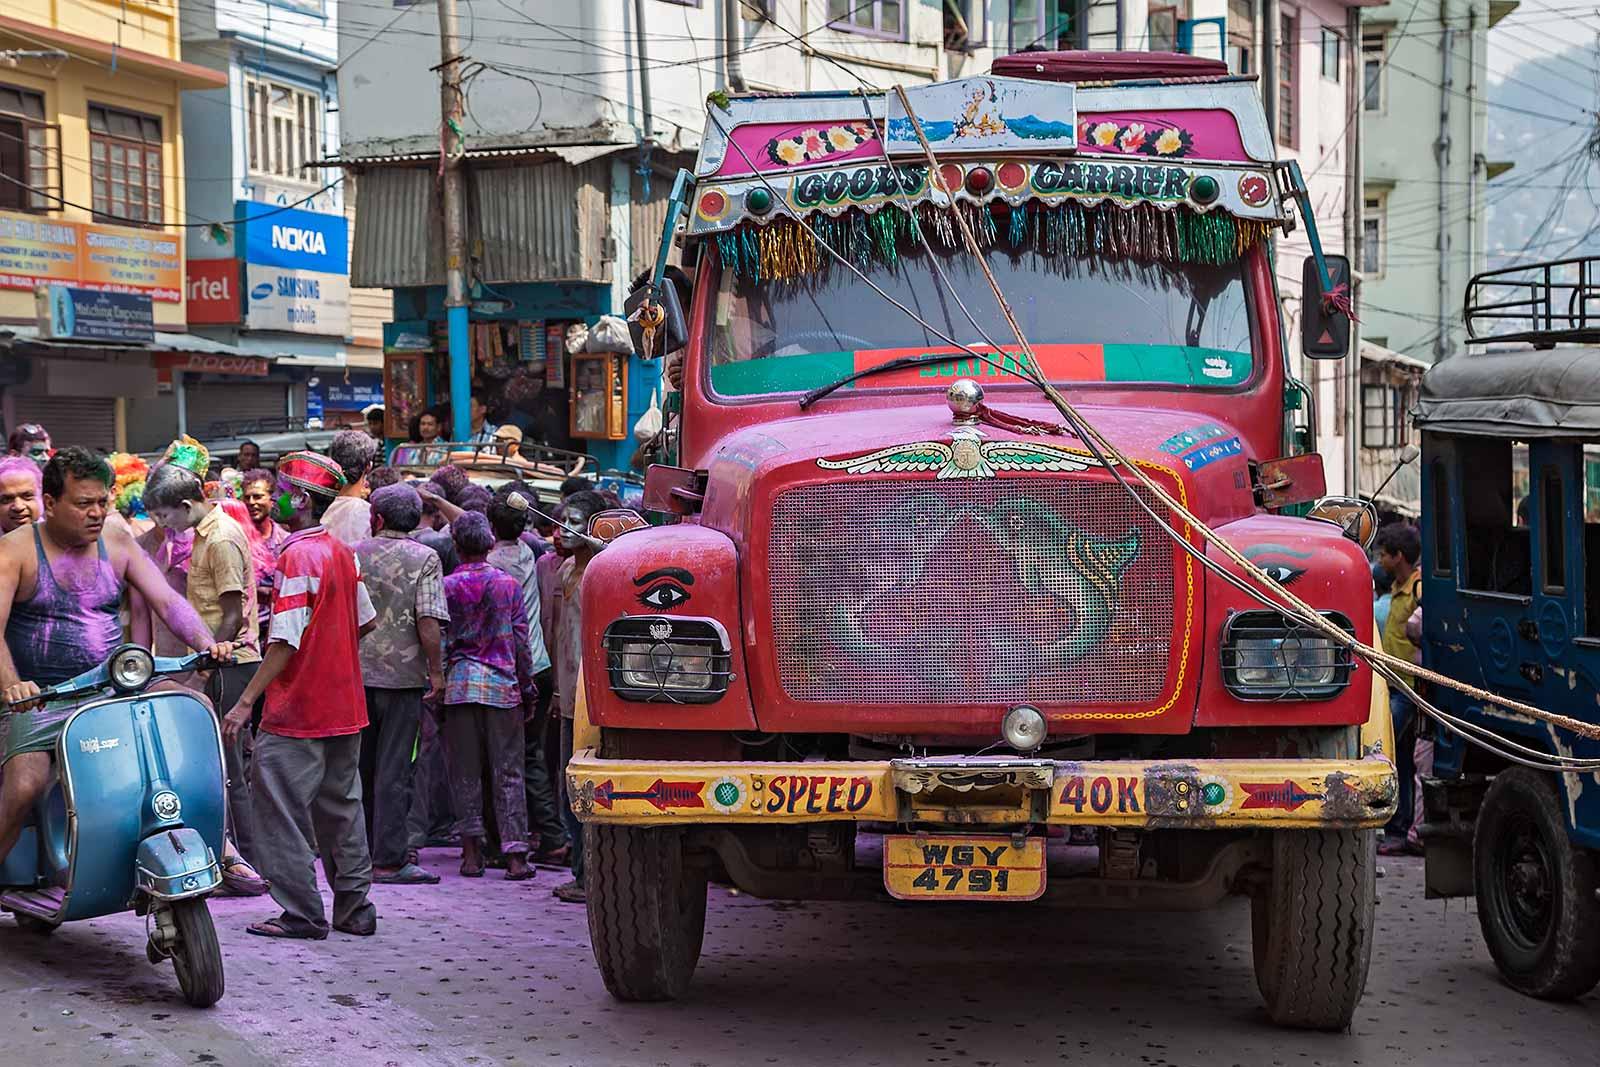 holi-festival-celebration-india-kalimpong-5